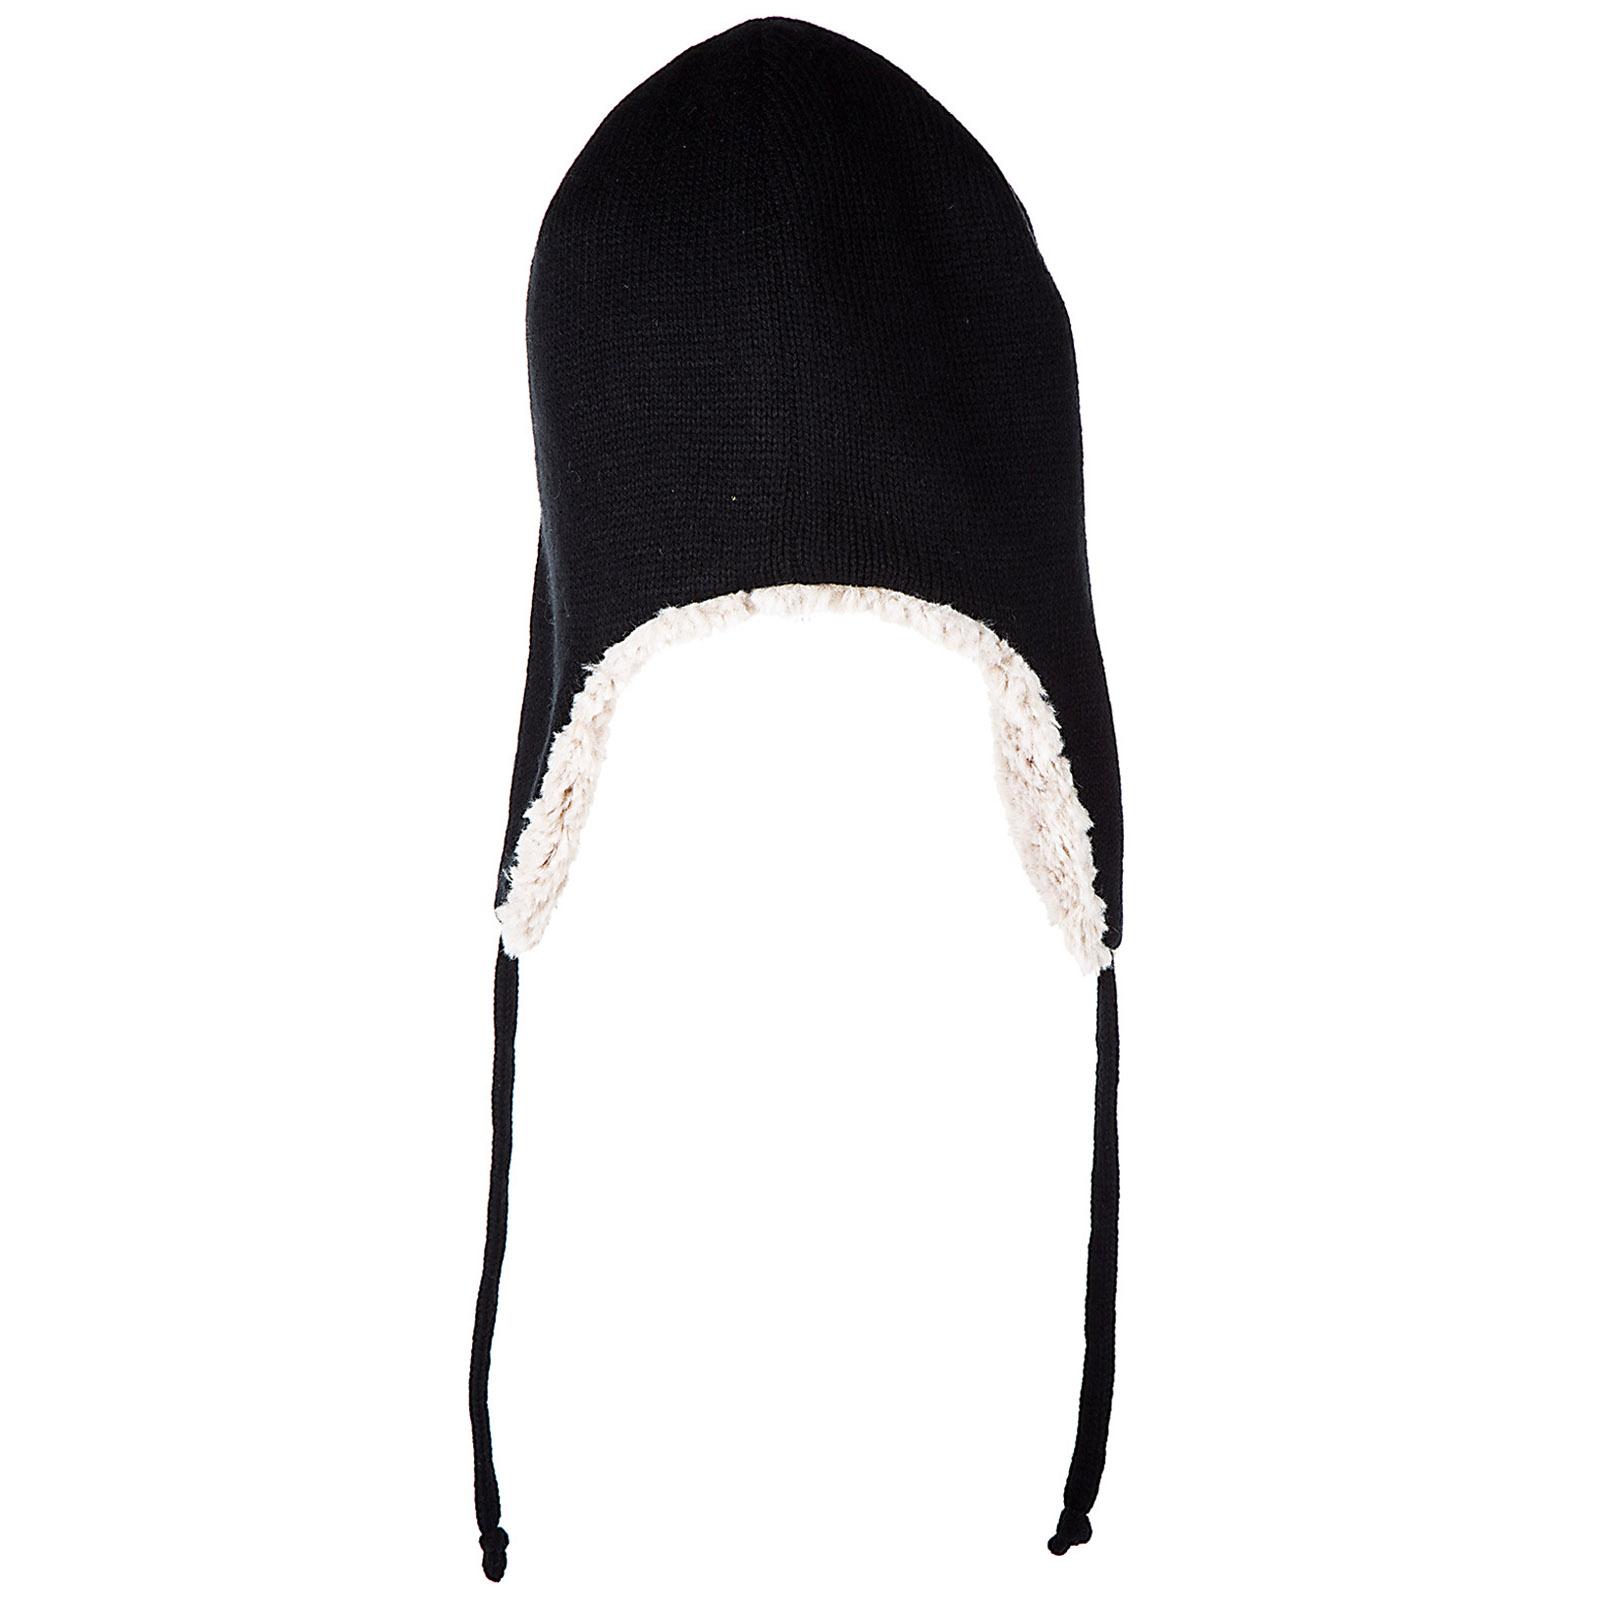 Gorro de mujer sombrero  train evolution plus